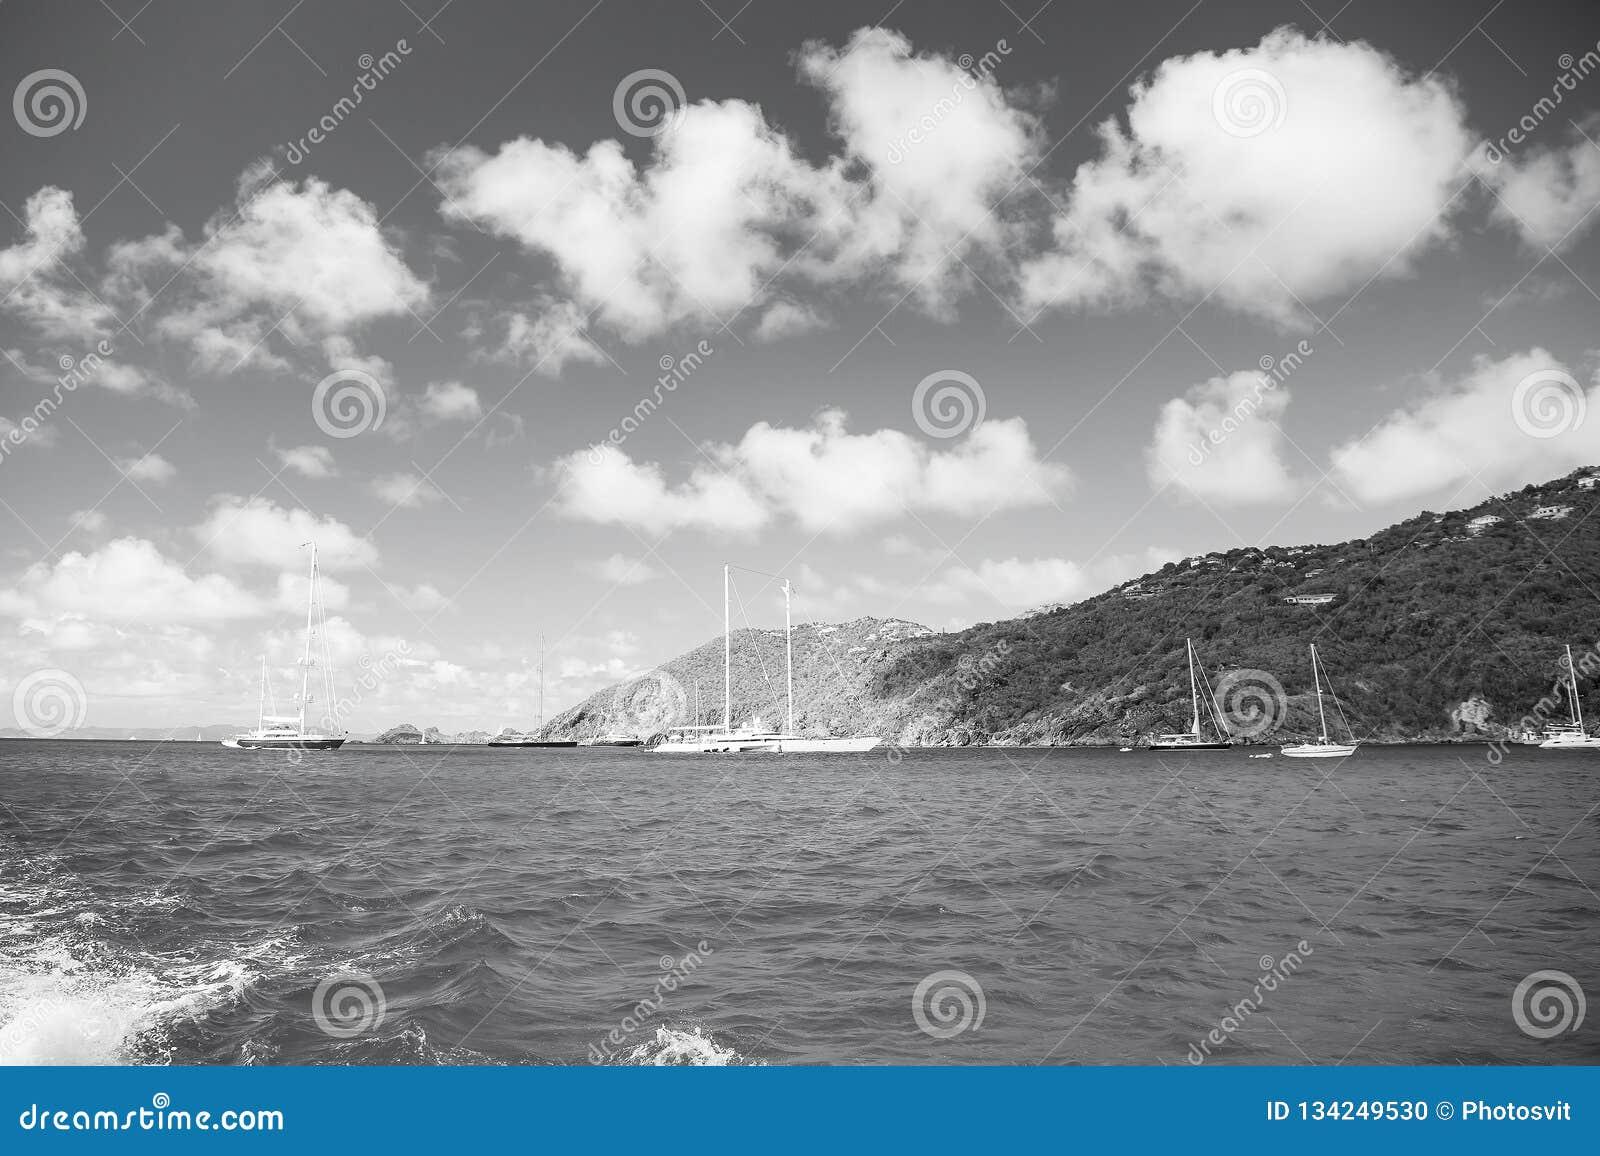 Segelboote segeln in Meer auf bewölktem blauem Himmel im gustavia, stbarts Segeln- und Segelsportabenteuer Sommerferien an